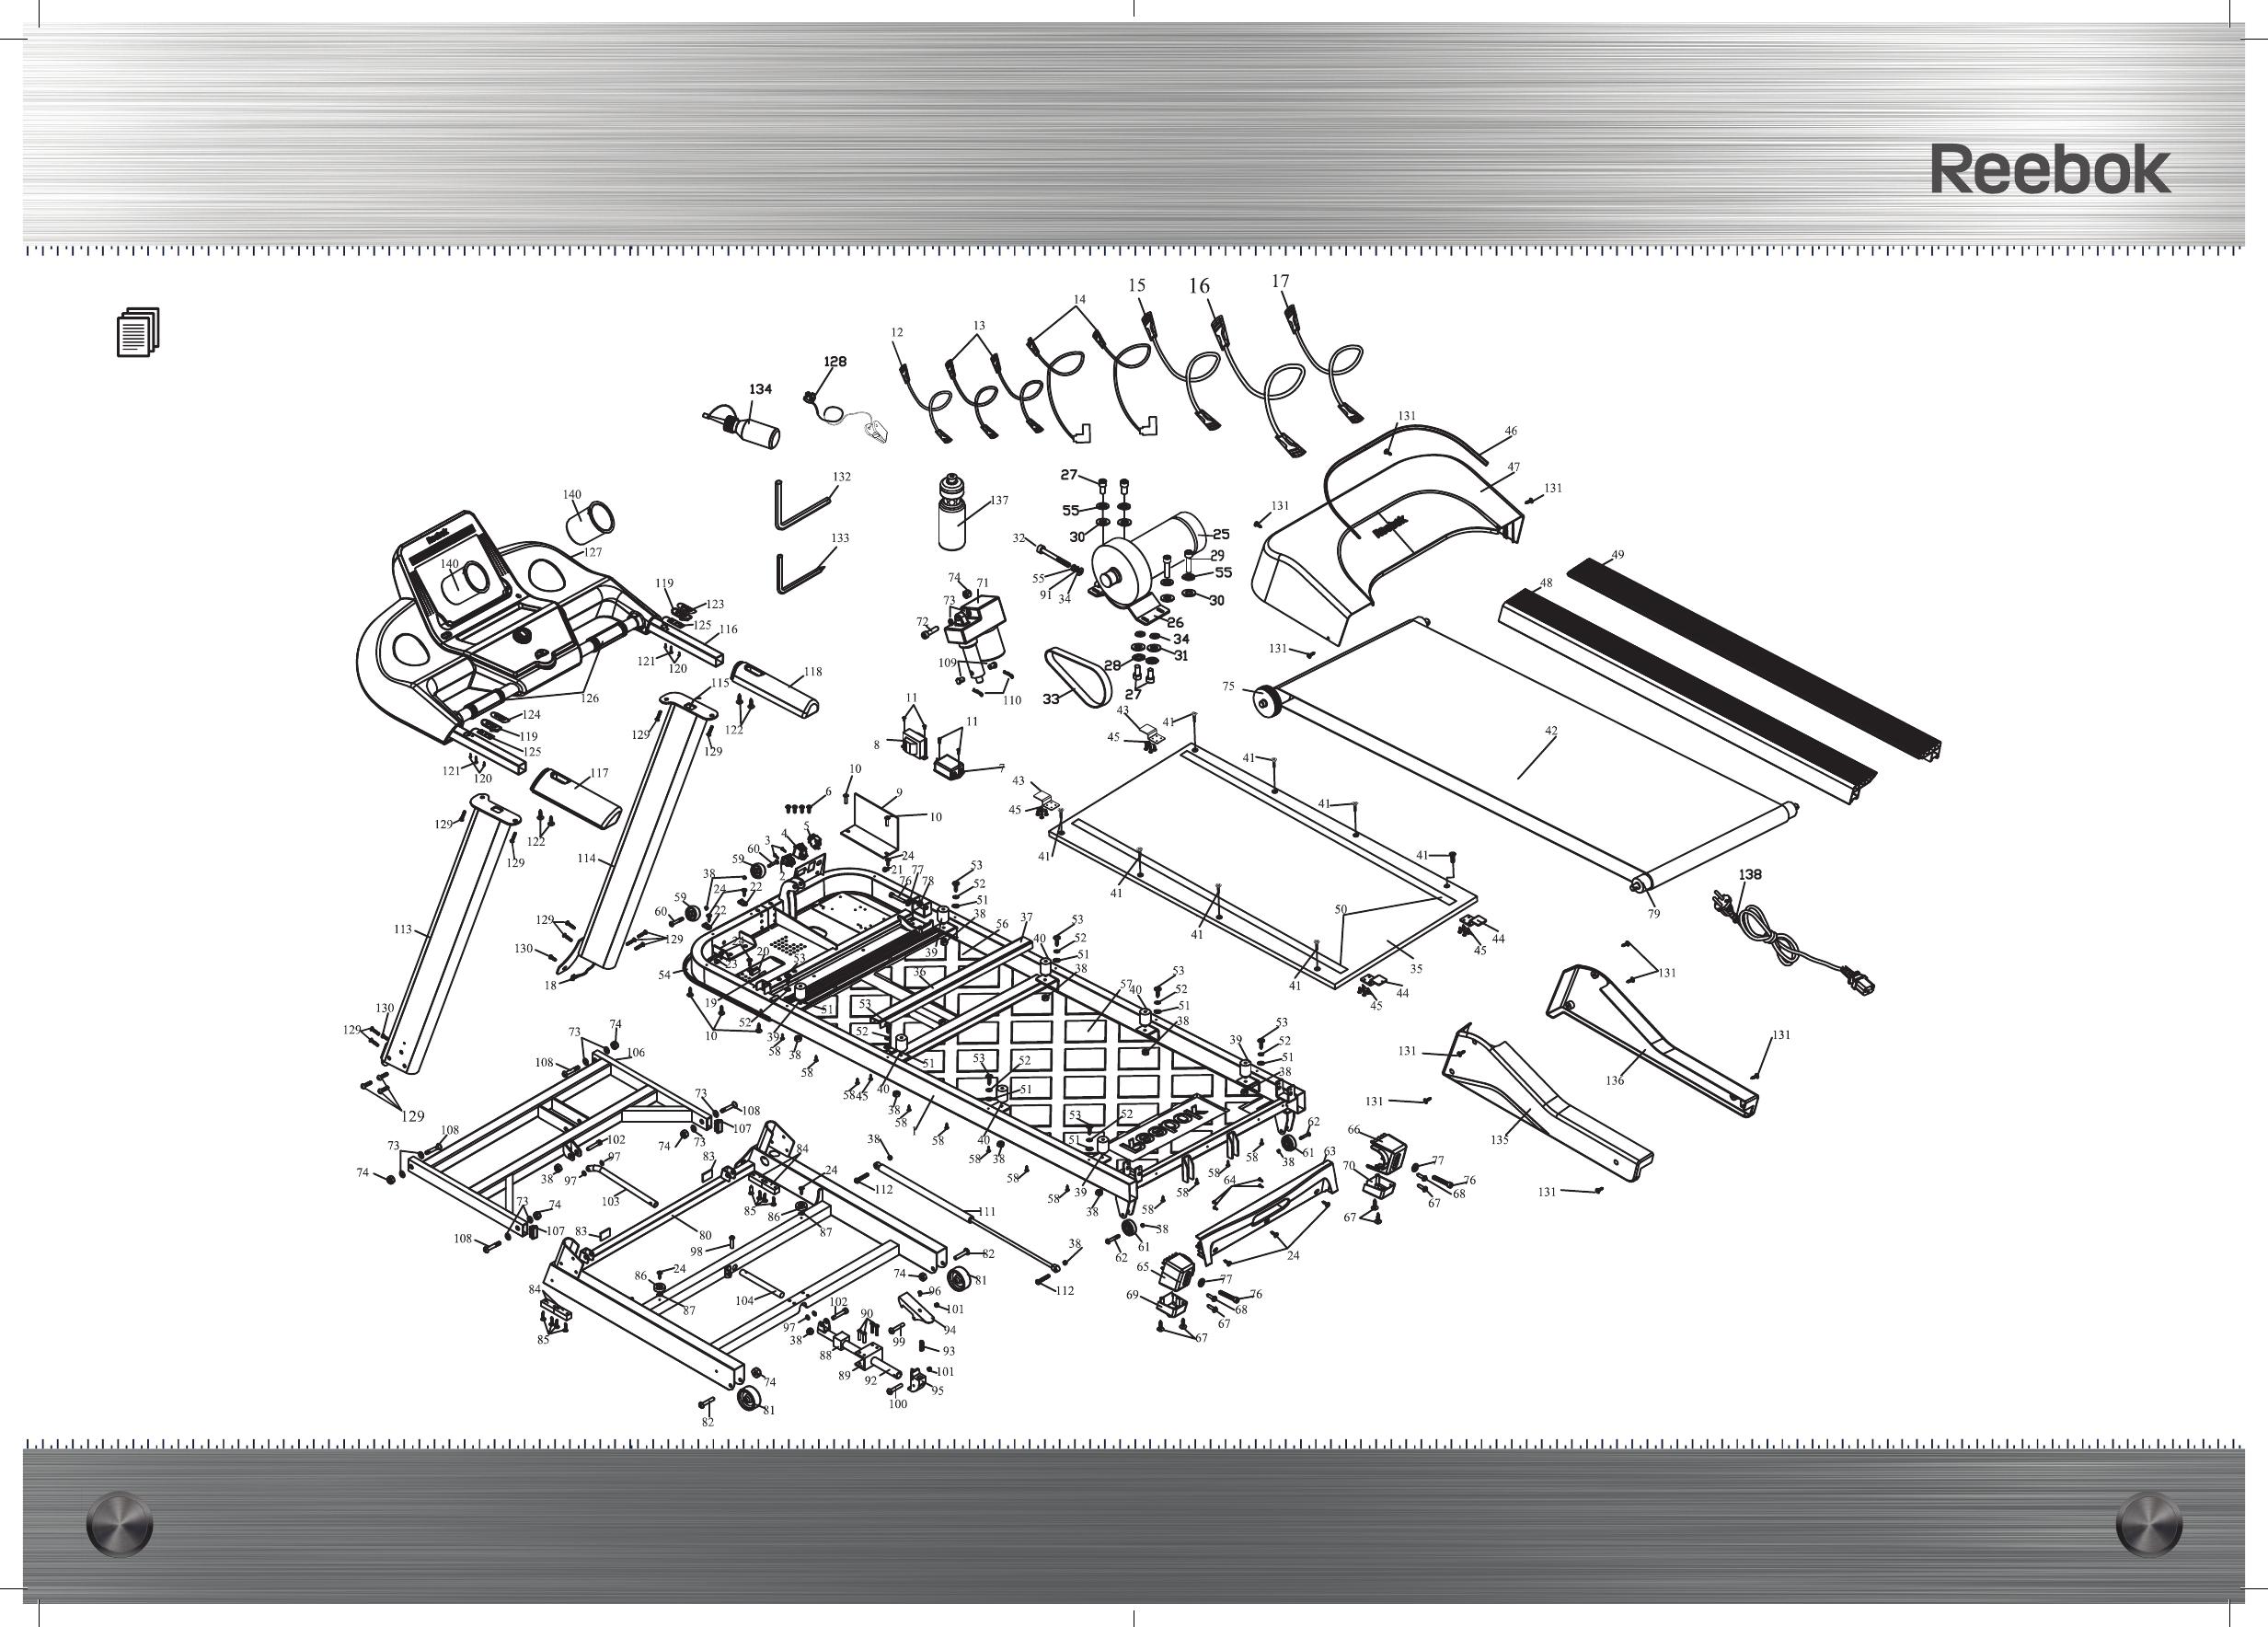 Bedienungsanleitung Reebok TT3.0 Treadmill TITANIUM (Seite 1